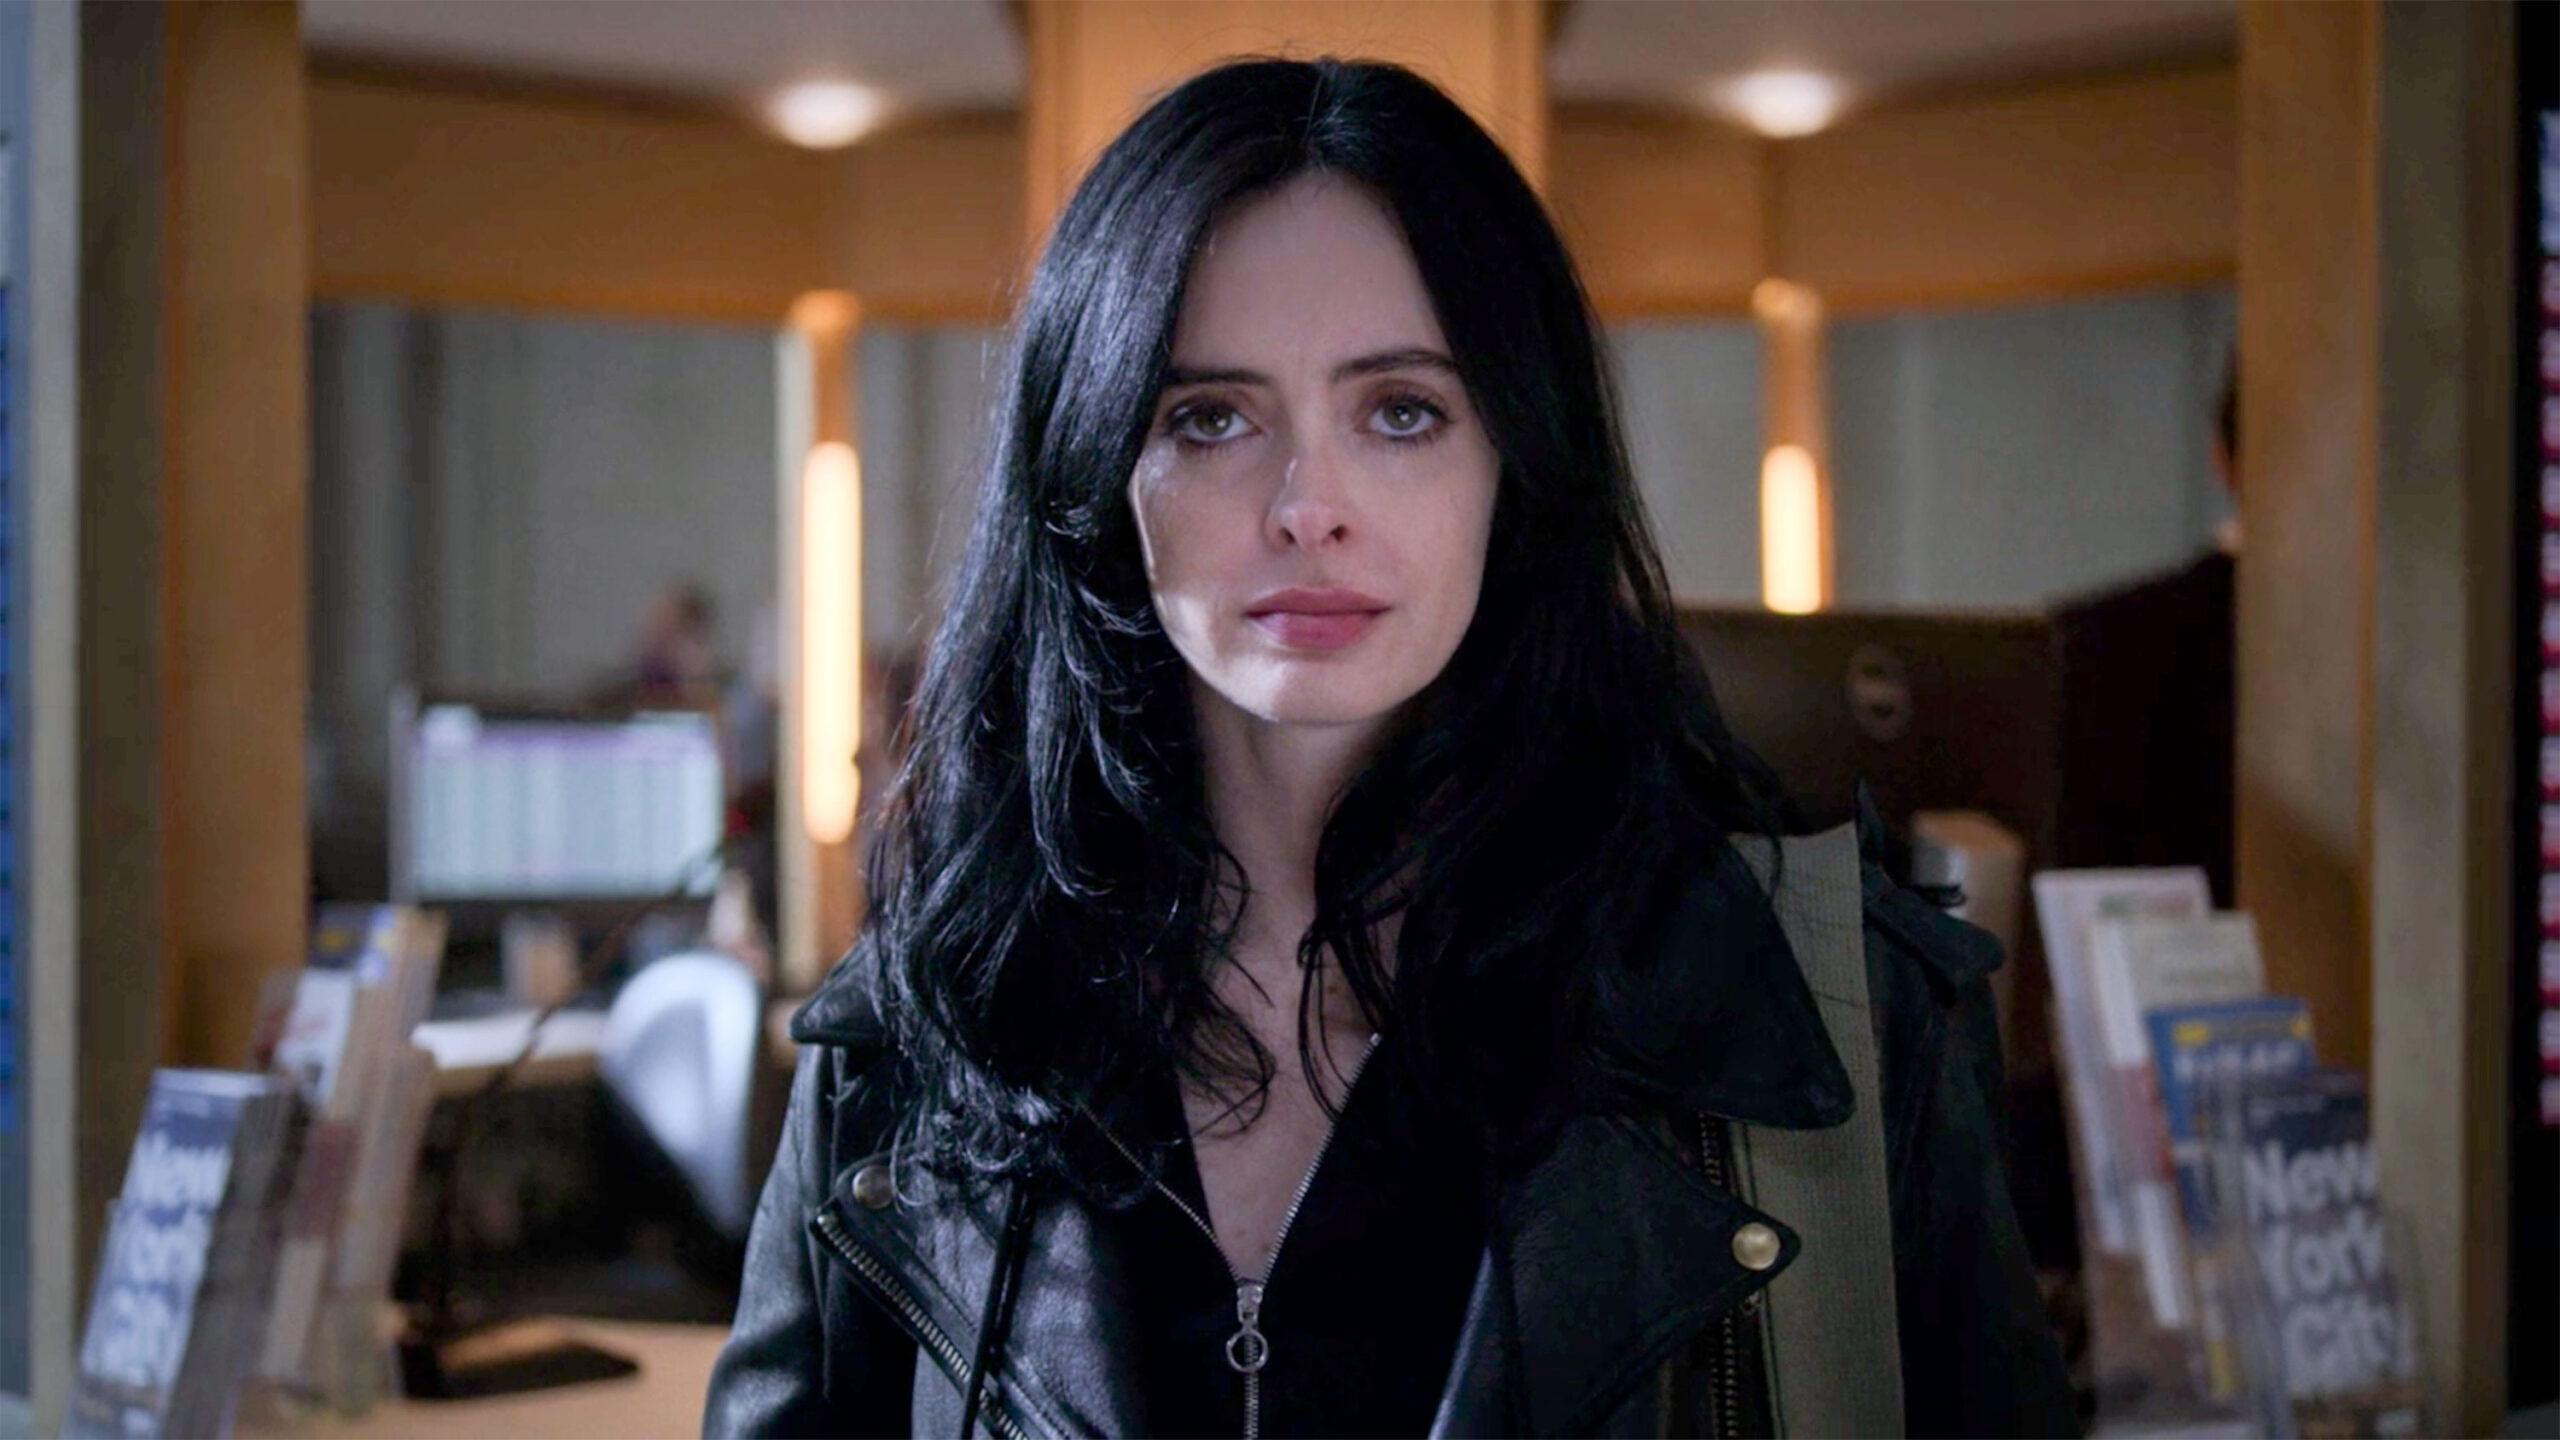 Jéssica Jones, personagem principal da série com o mesmo nome. Séries protagonizadas por mulheres